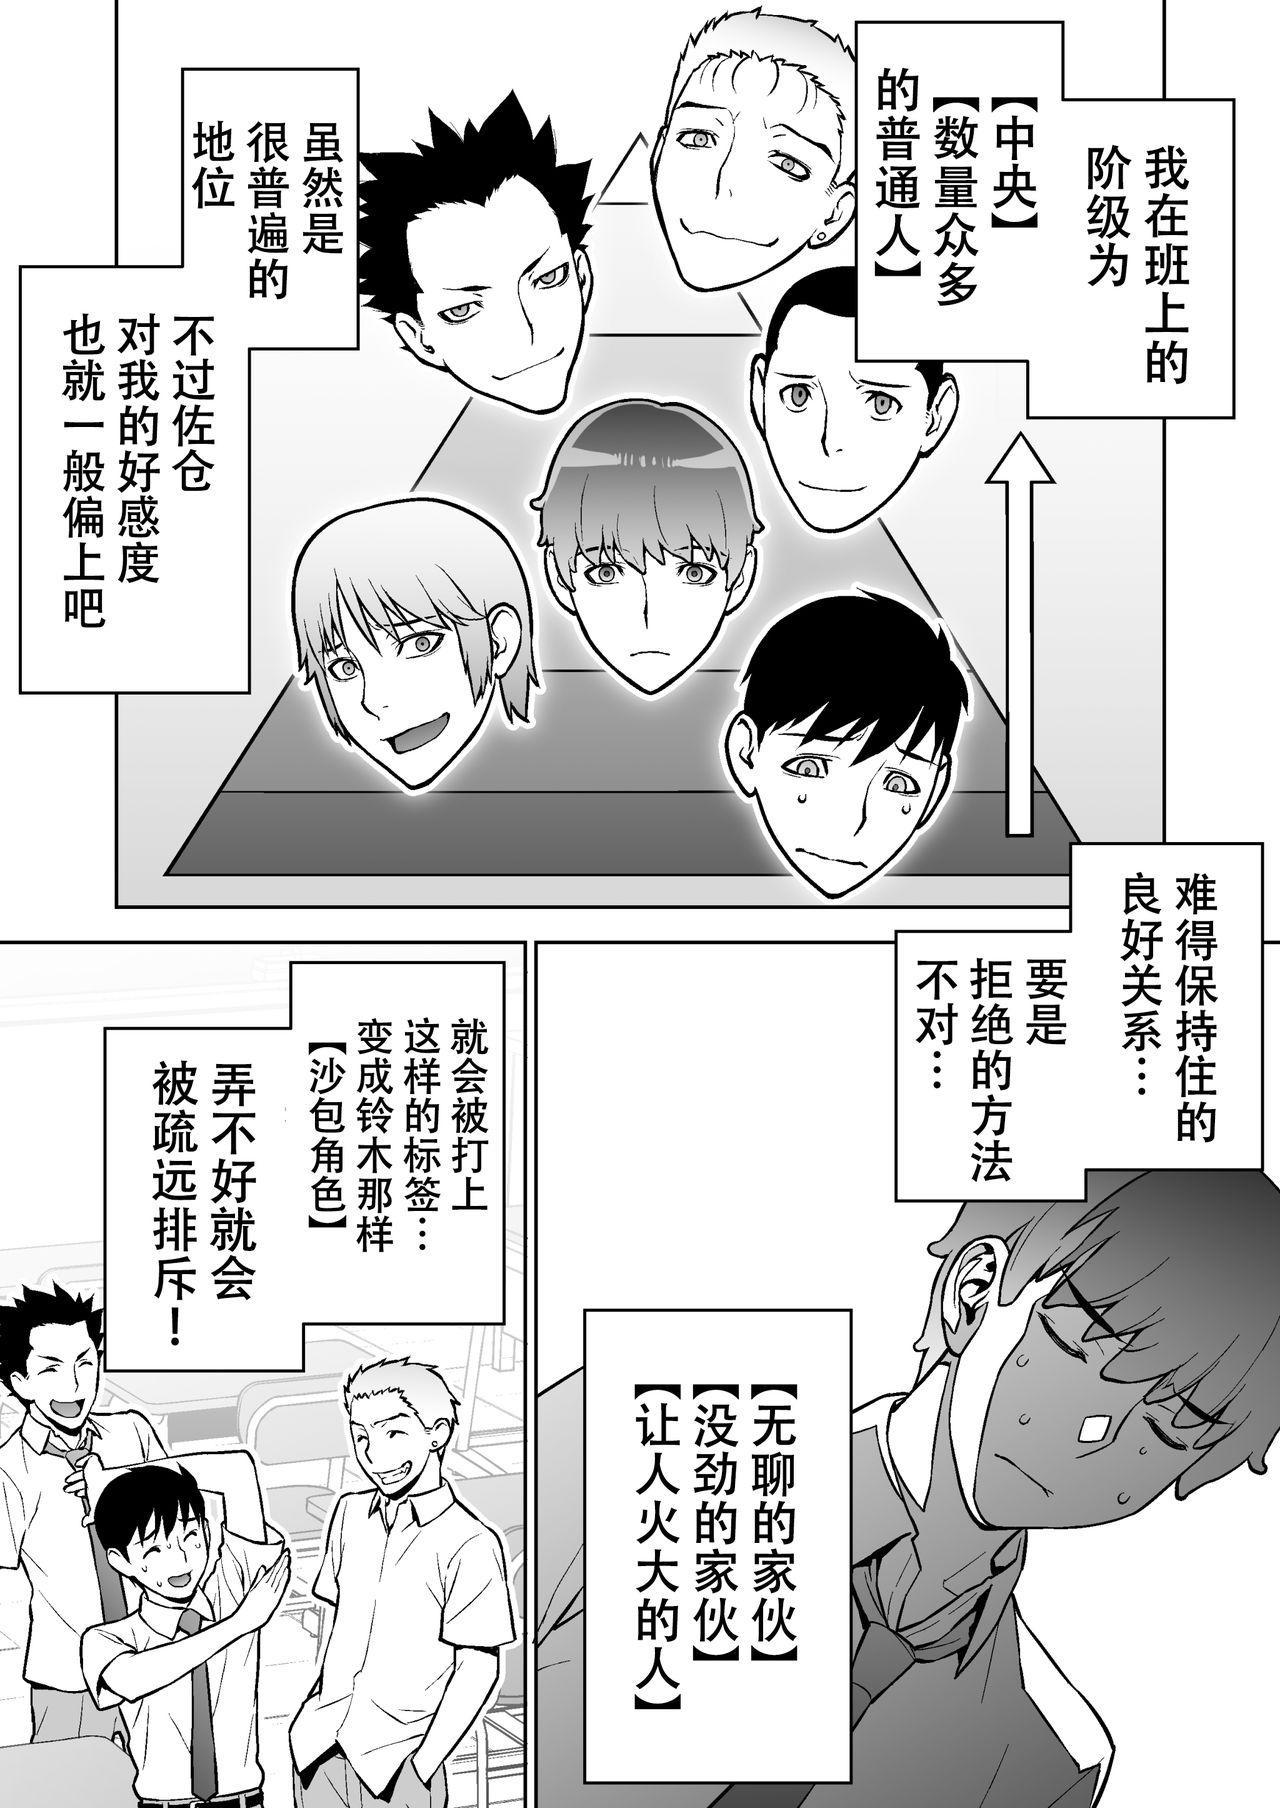 Iinchou wa Saimin Appli o Shinjiteru. 15